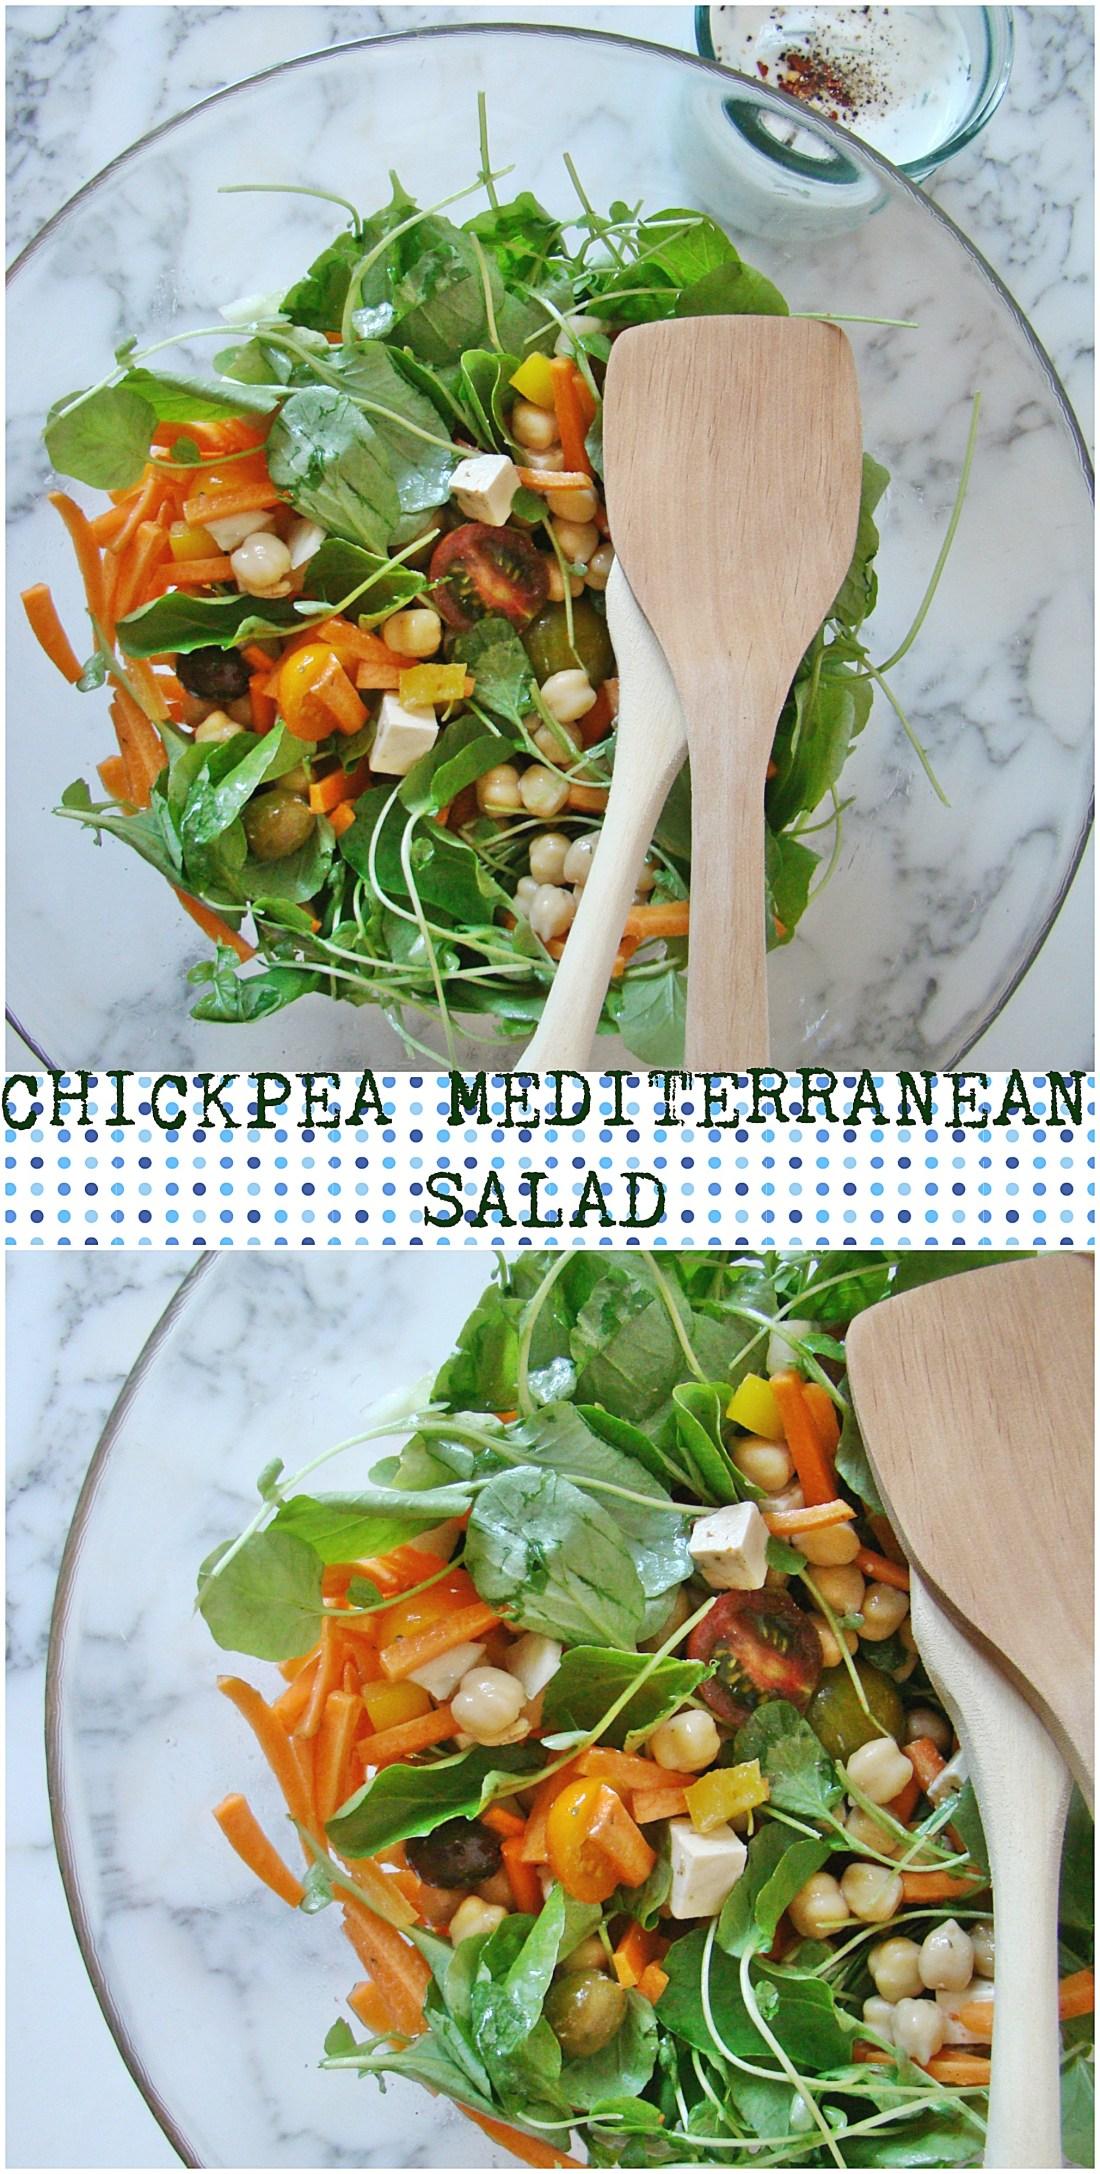 chickpea-mediterranean-salad